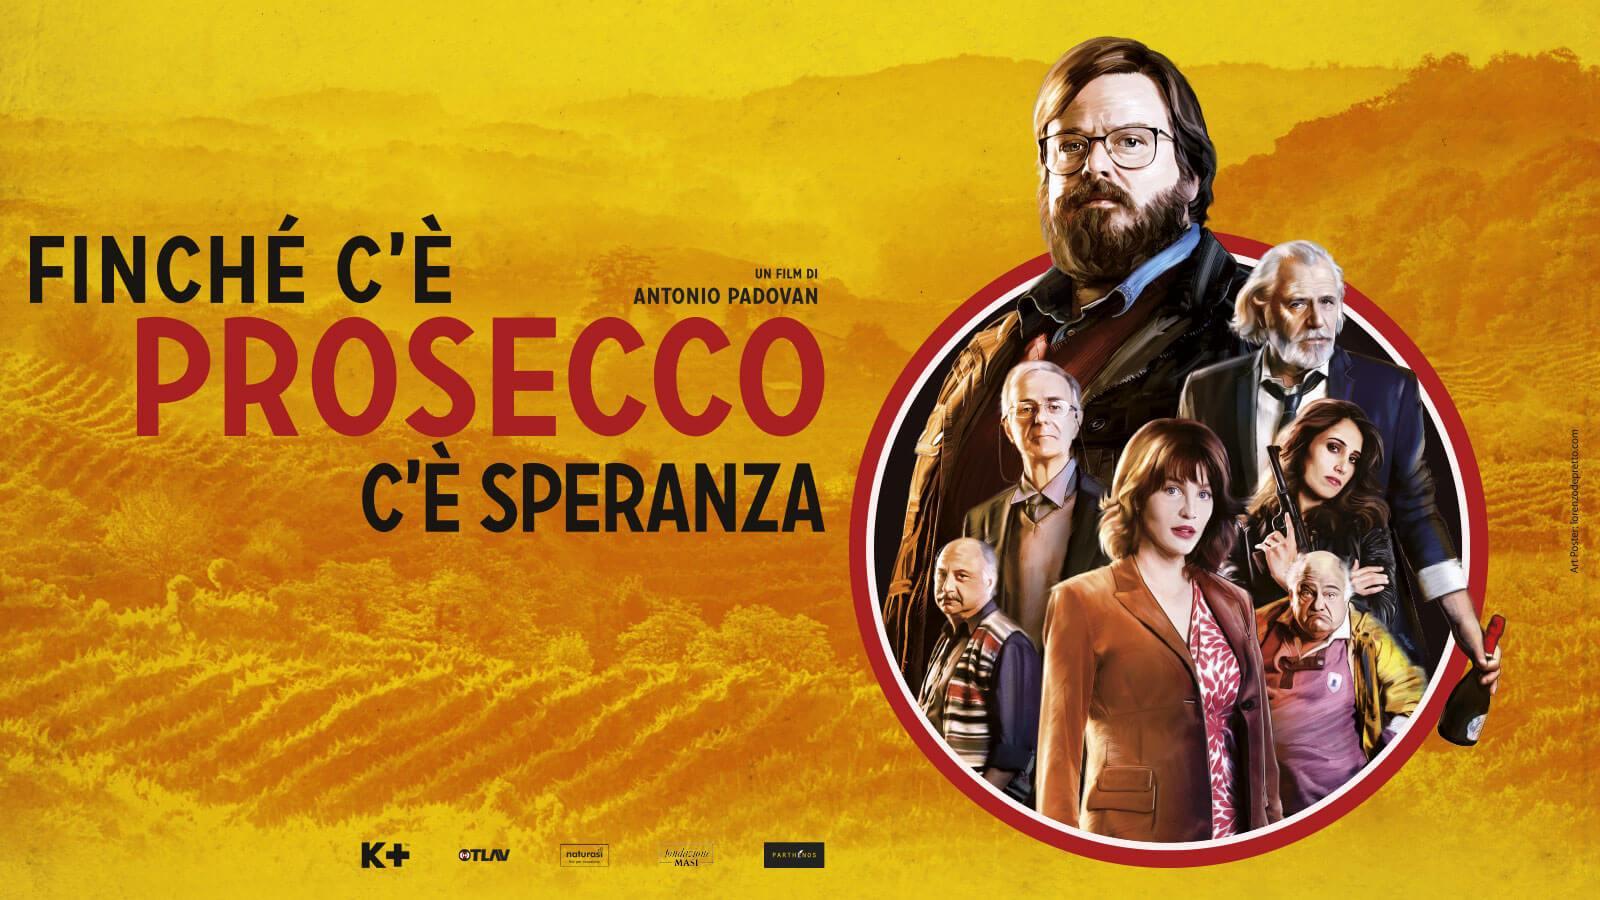 """Prosecco: il tour country-chic ispirato al film """"Finchè c'è Prosecco c'è Speranza"""" — Veneto Secrets"""